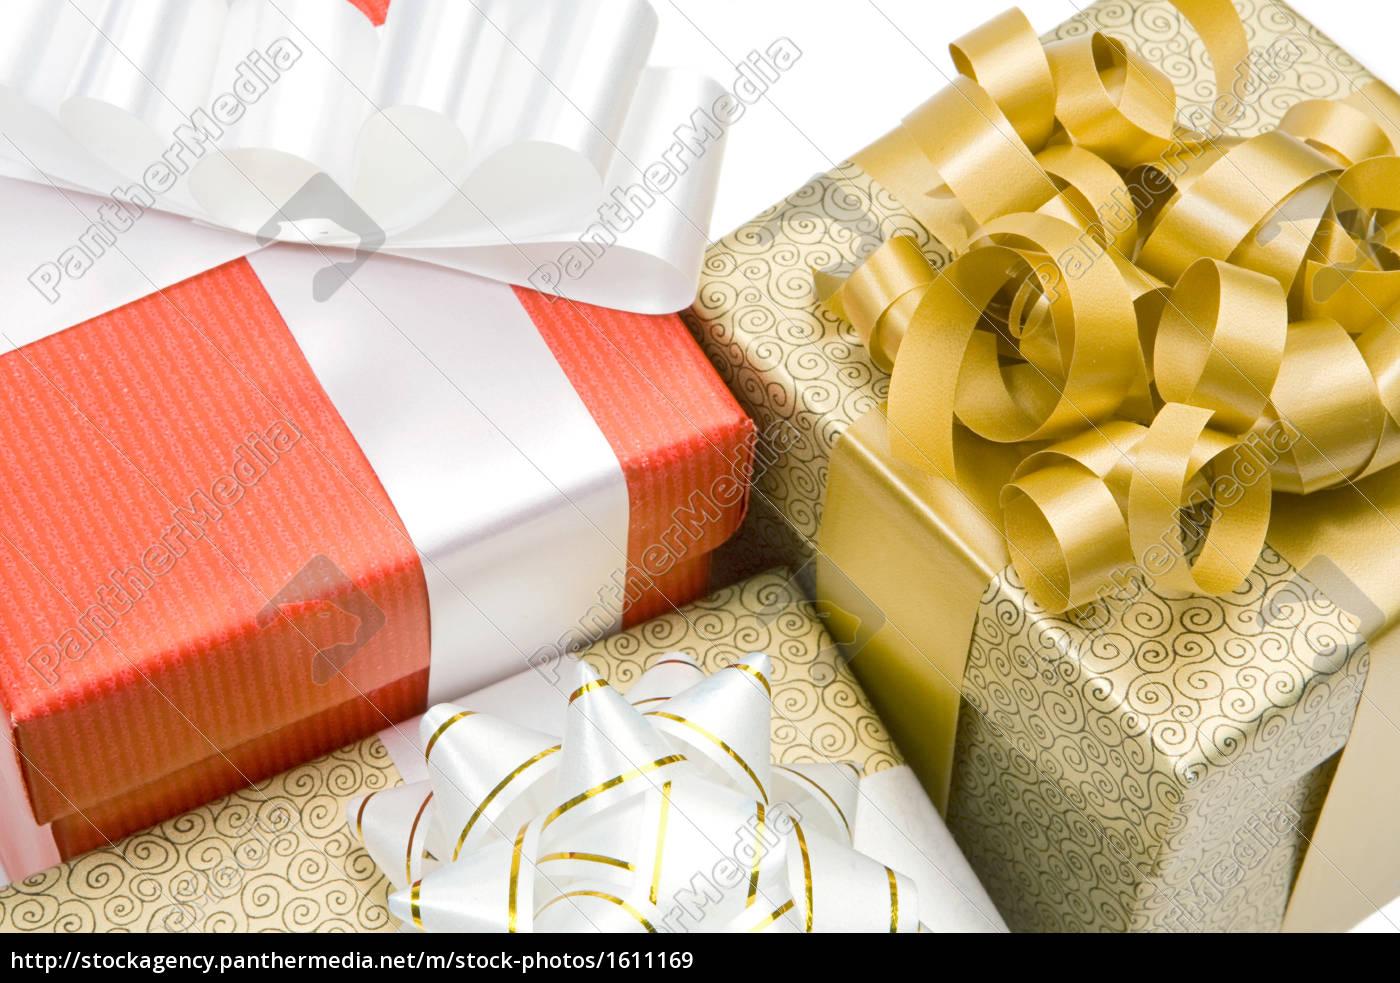 many, beautiful, gifts - 1611169